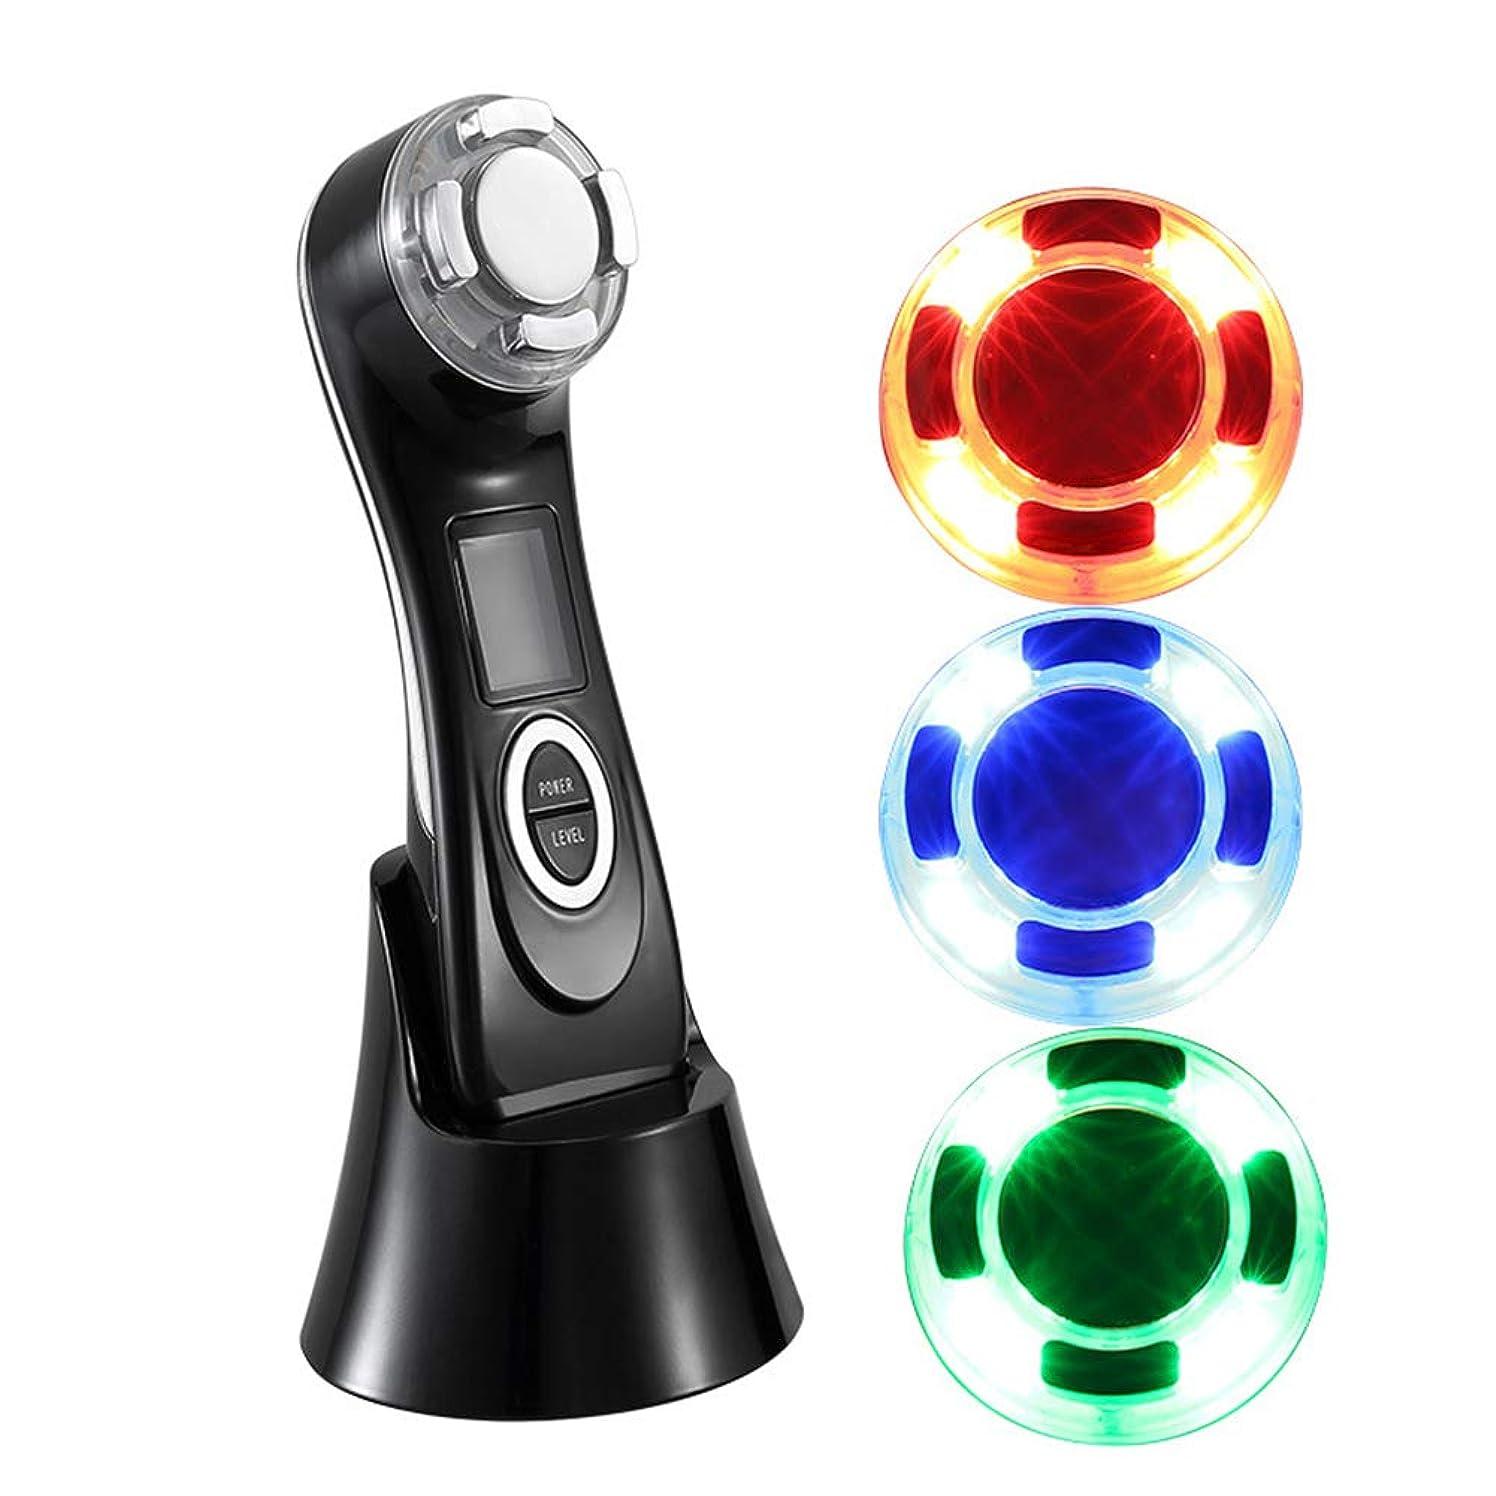 虹バランス巻き取りアップグレード超音波ファットバーナーボディ痩身マッサージ、LEDの美の器械、減量のため持ち上げて締め付けるフェイシャルセラピー,Black